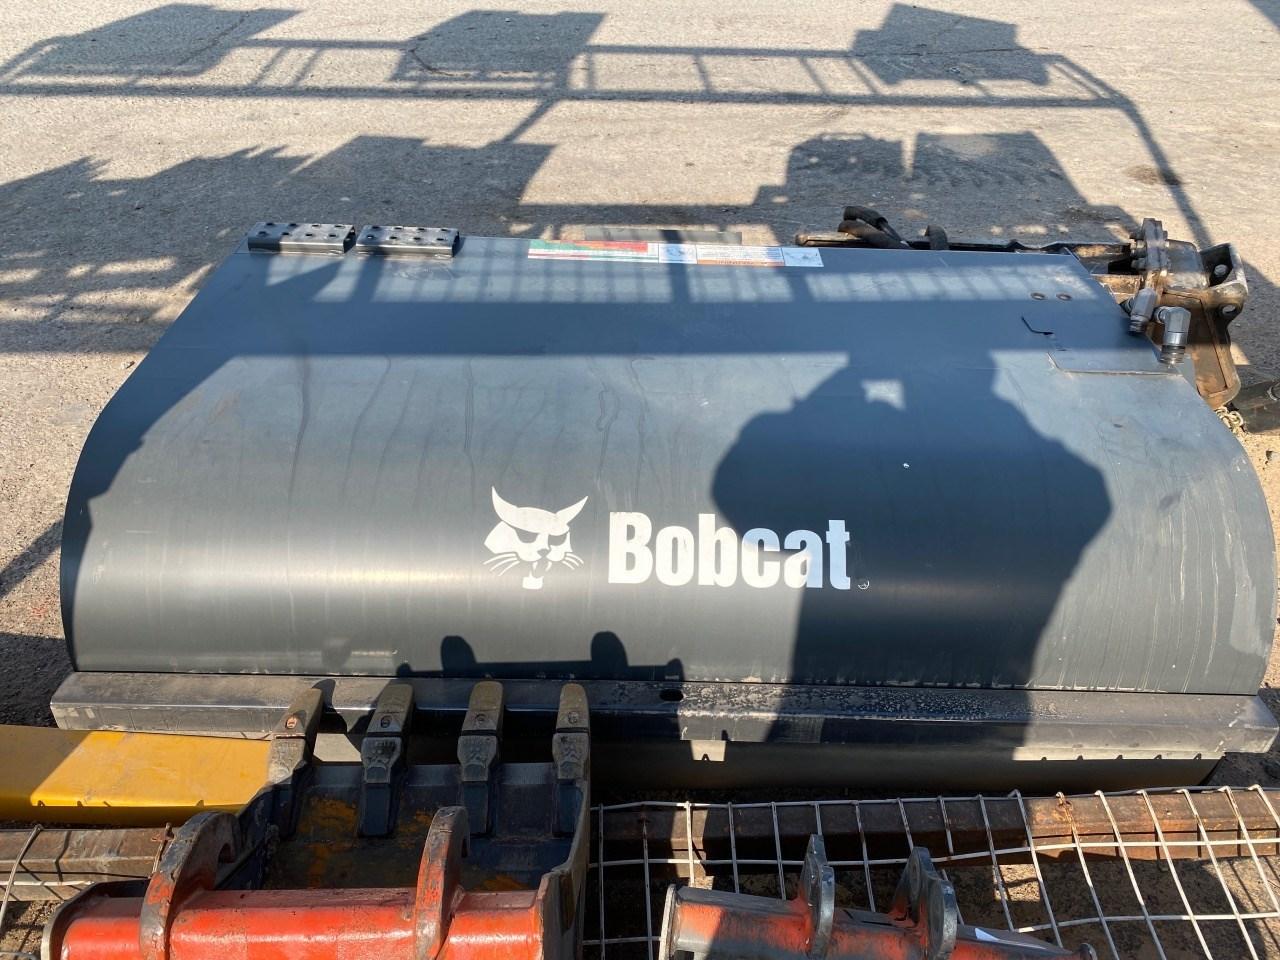 Bobcat 72SB Image 4